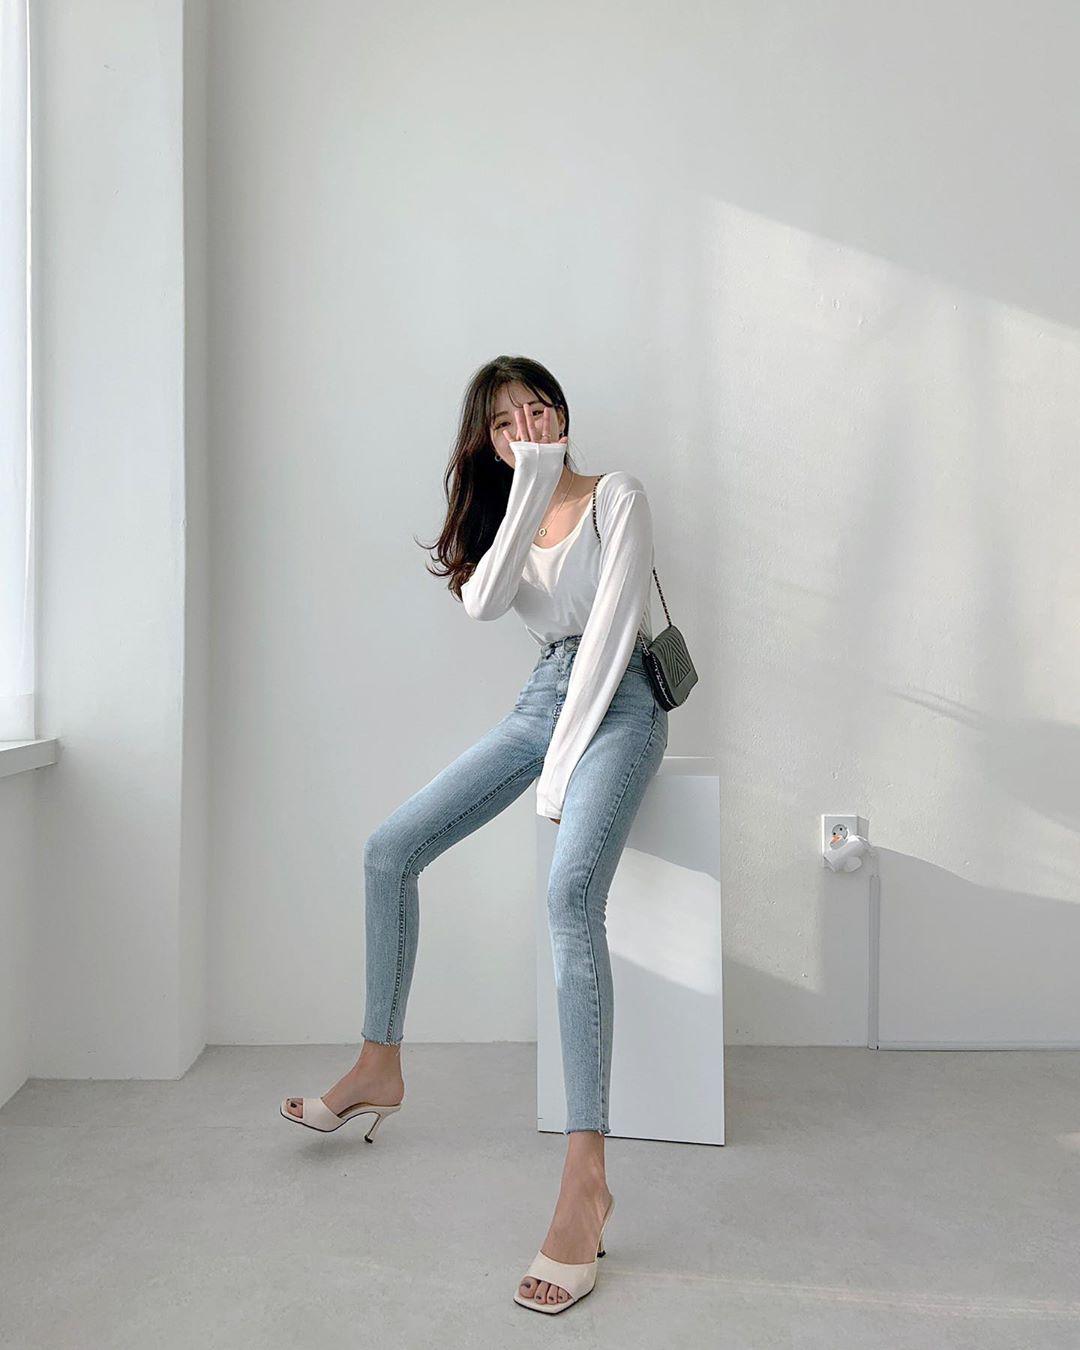 Quý cô chuyên diện quần skinny jeans gợi ý 3 kiểu giày dép kết hợp siêu ăn ý, lại còn kéo chân dài vô địch - Ảnh 3.